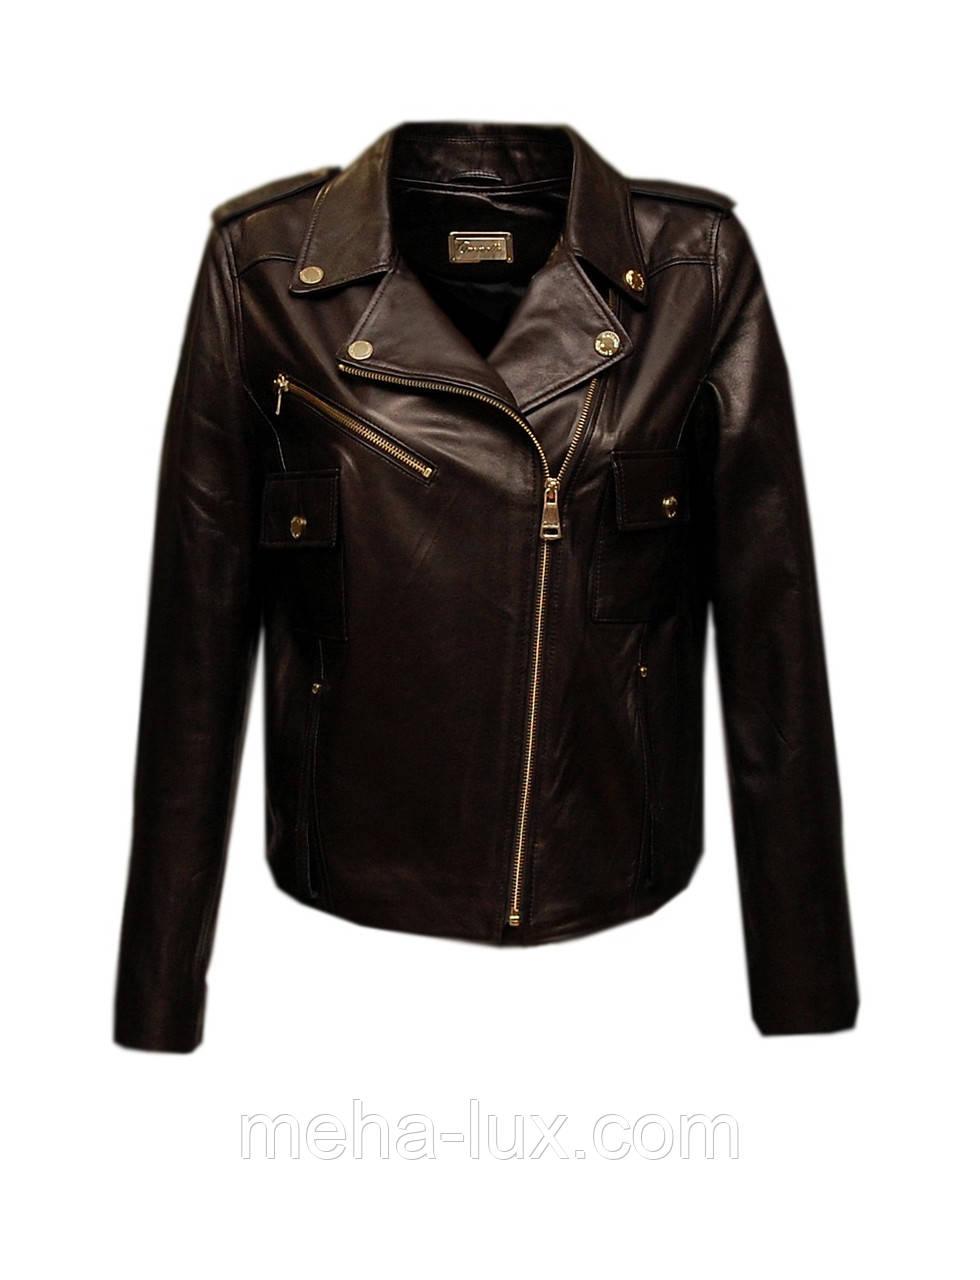 ee8208cd9b1a Куртка косуха женская из натуральной кожи Carnelli короткая коричневая -